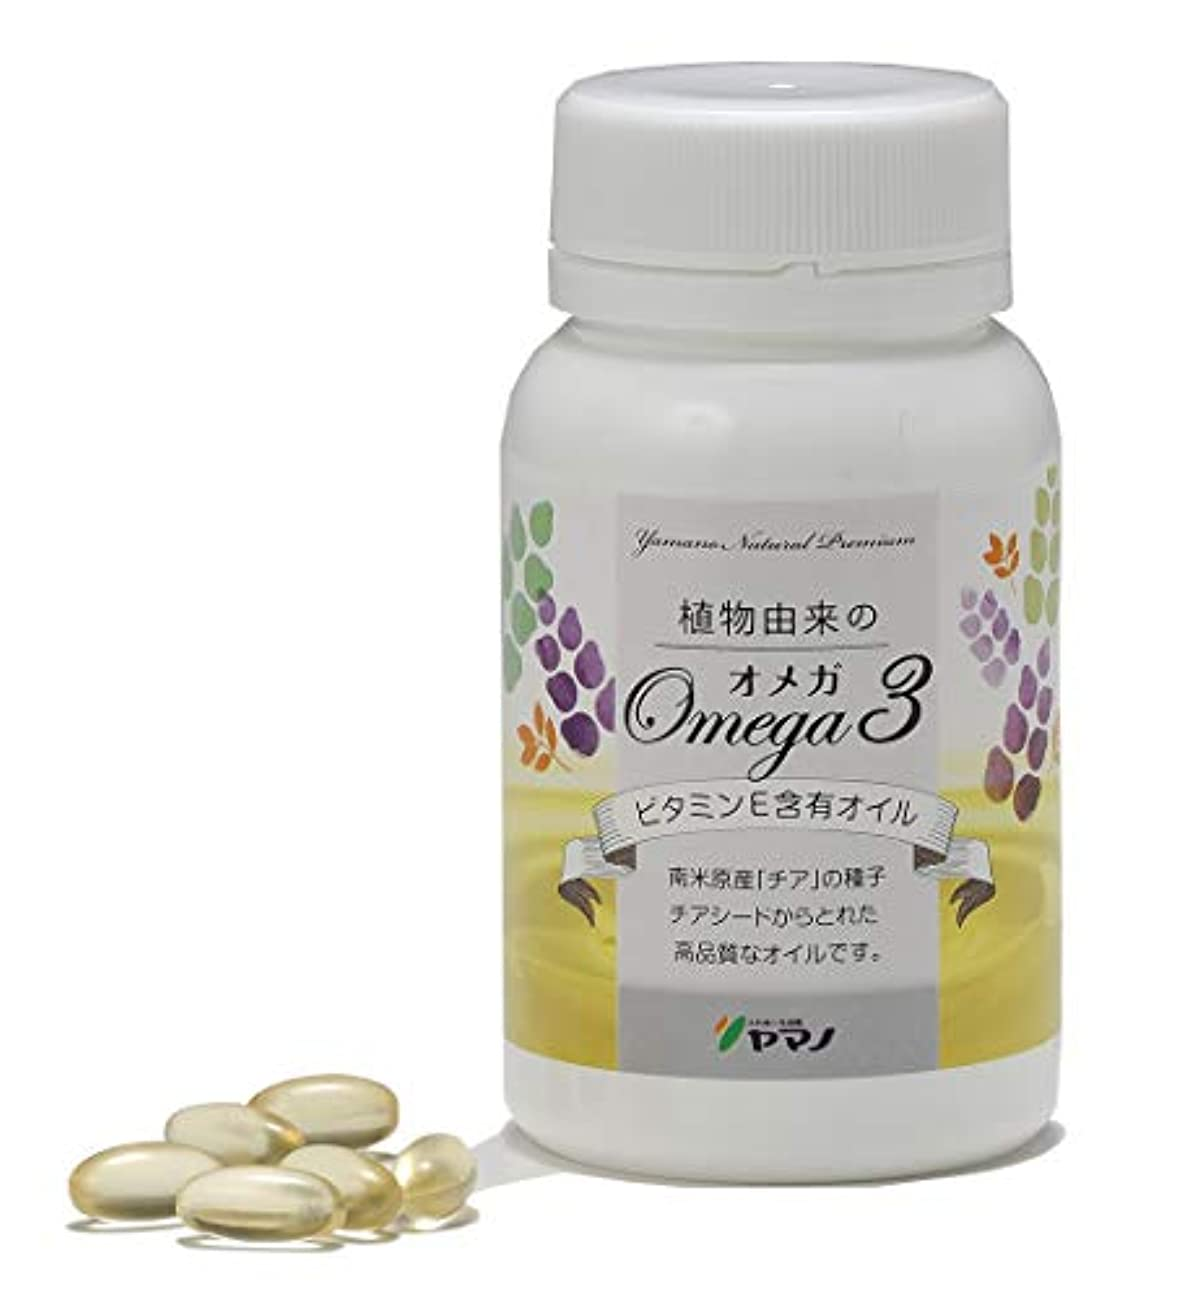 電子レンジ散らすヒゲふれあい生活館ヤマノ 植物由来のオメガ3(チアシードオイル)